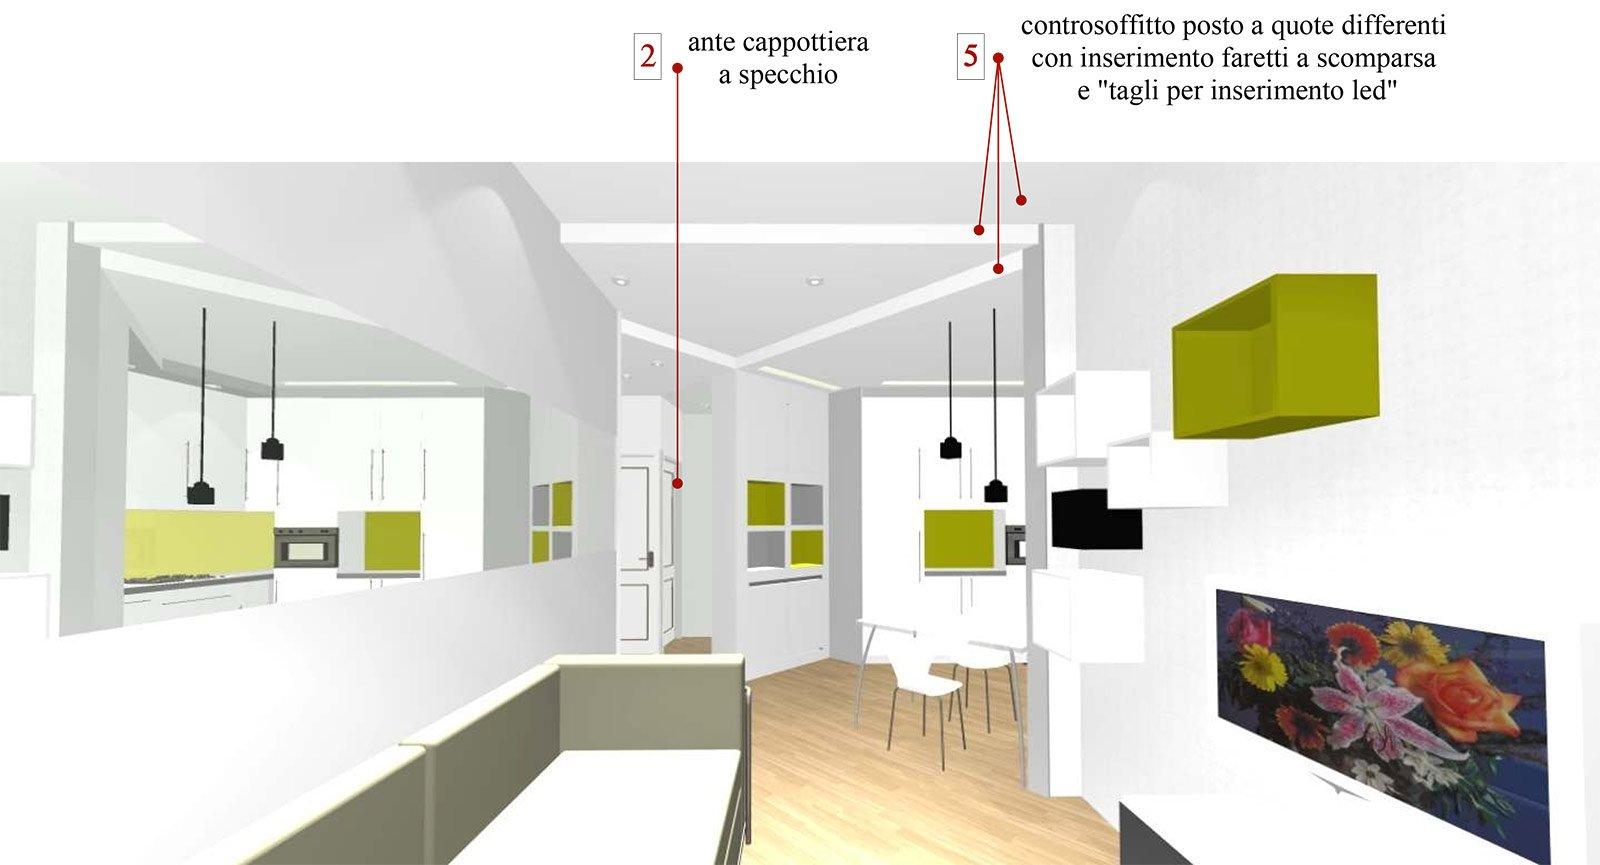 bilocale con cucina a vista - cose di casa - Soluzioni Soggiorno Cucina A Vista